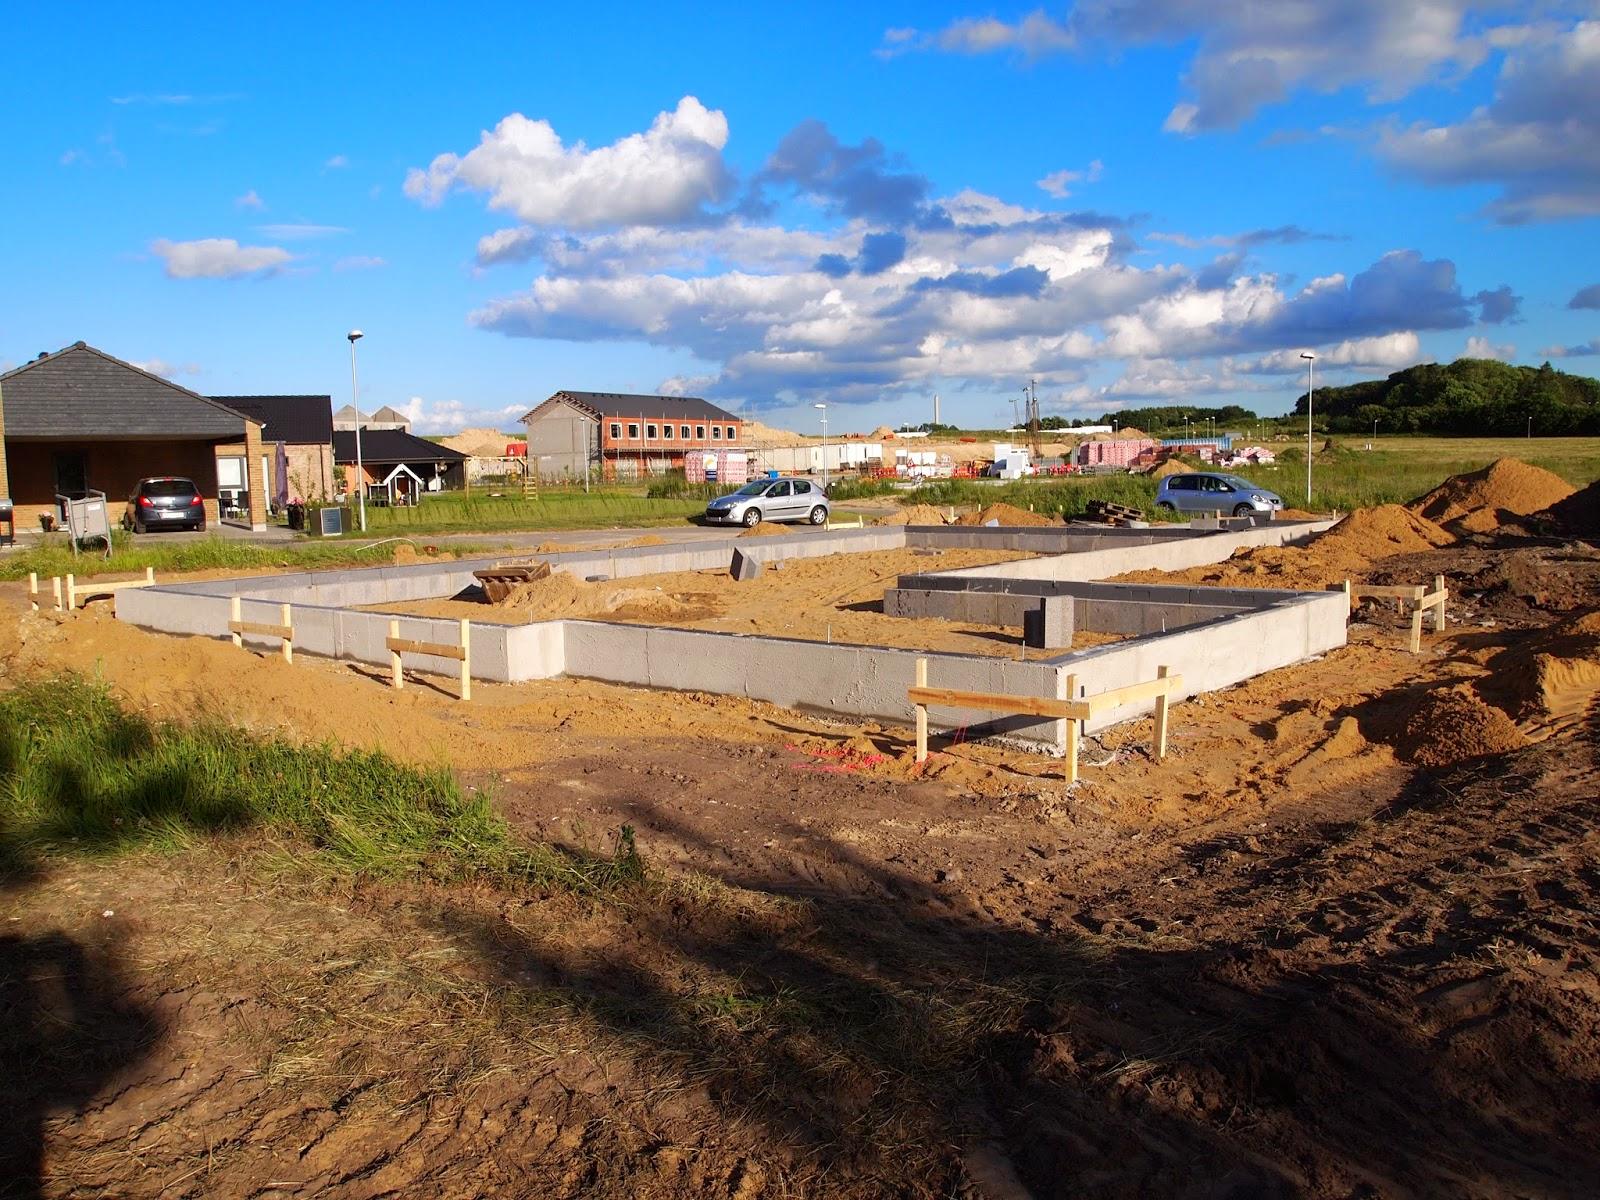 Byg nyt typehus: Omkredsen af huset er lagt